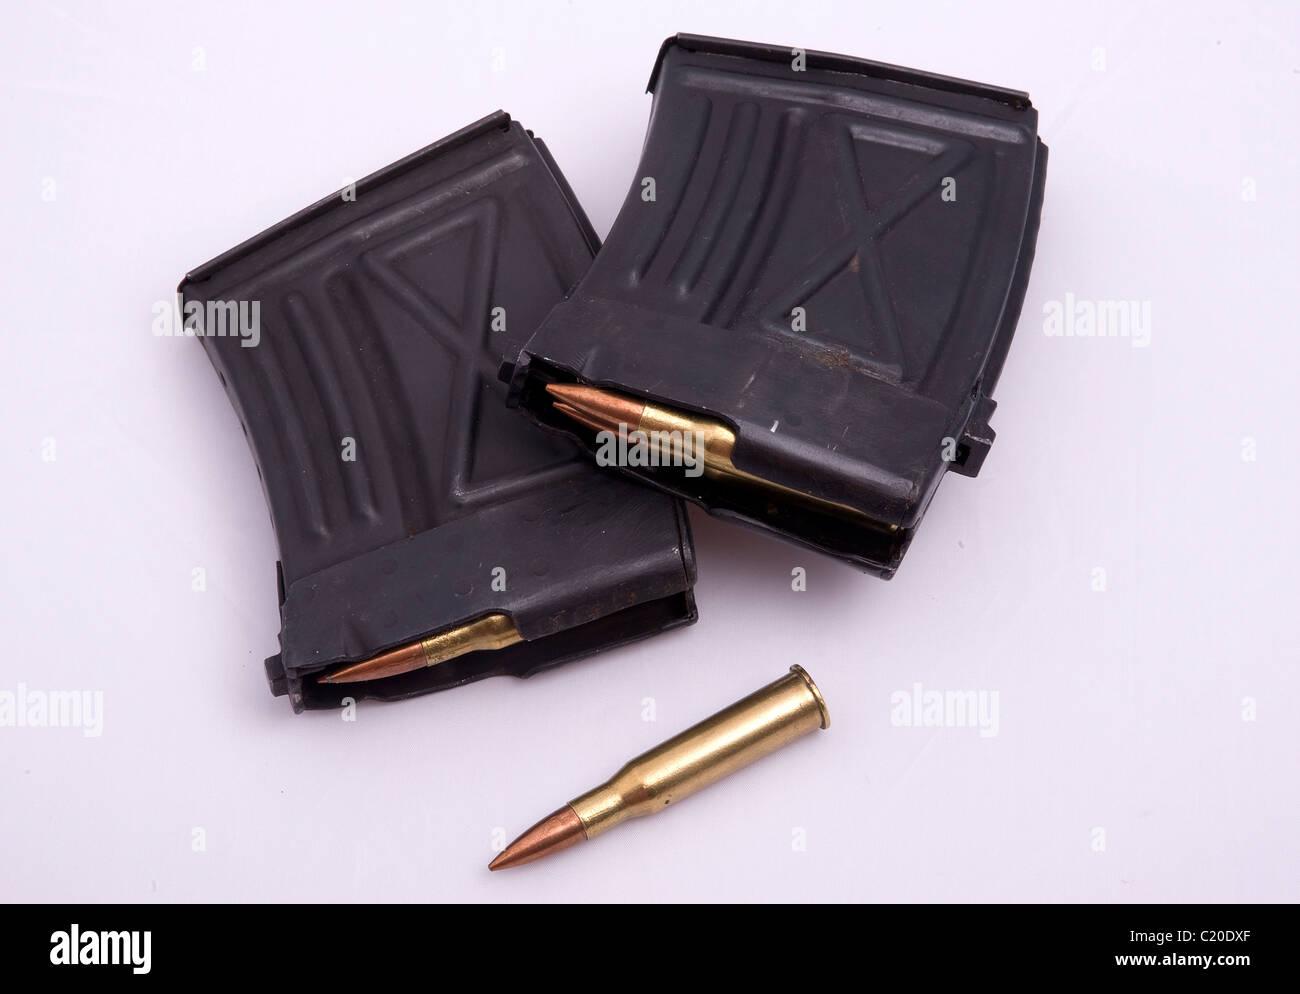 Munition und Zeitschriften für ein Scharfschützengewehr. Stockbild